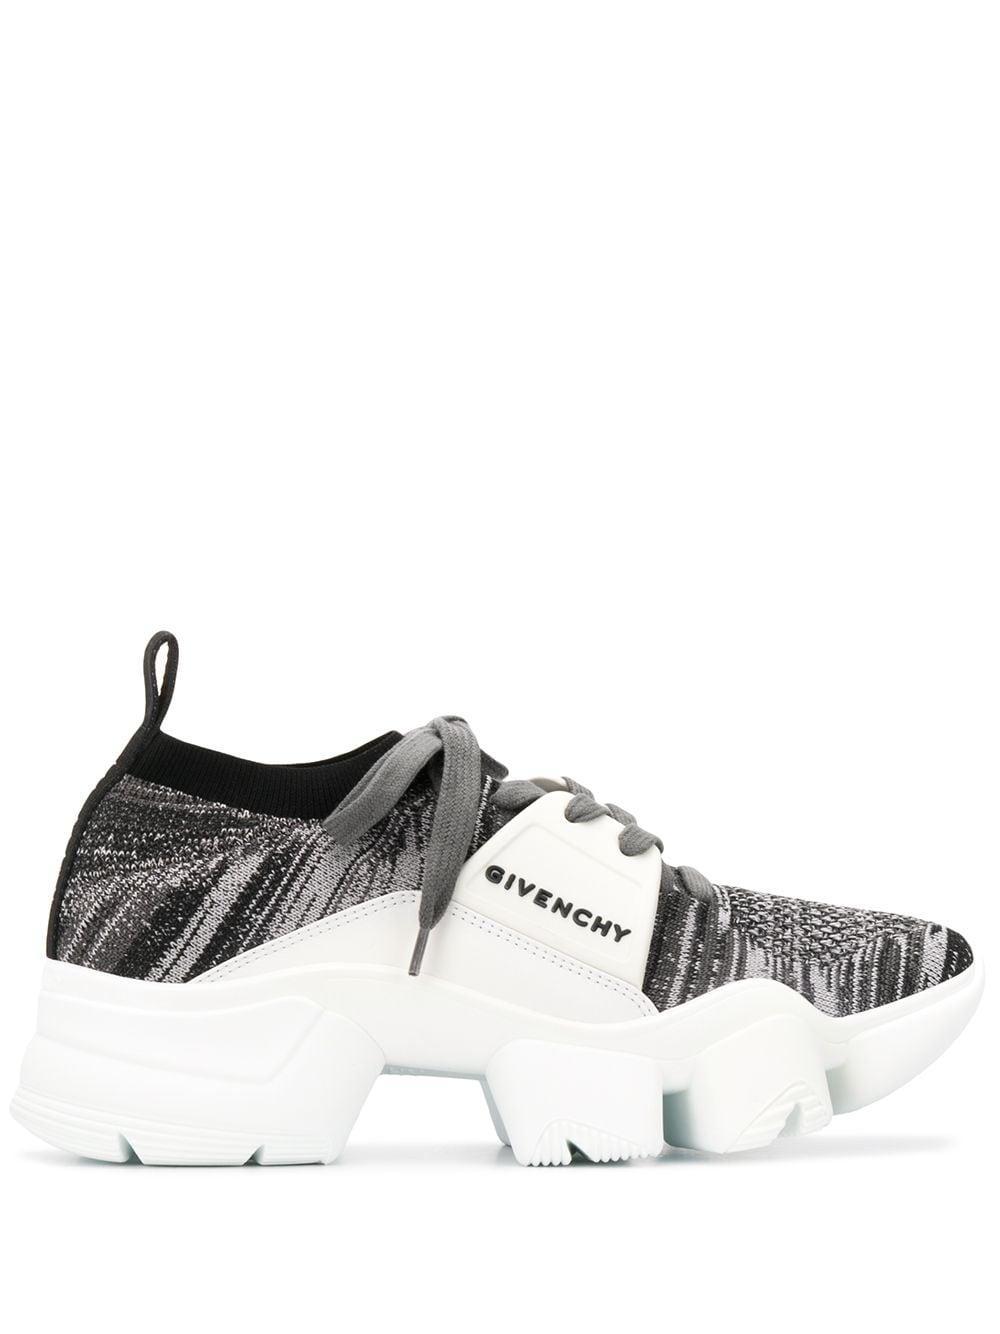 Zapatillas bajas con suela gruesa Jaw Givenchy de Cuero de color Negro